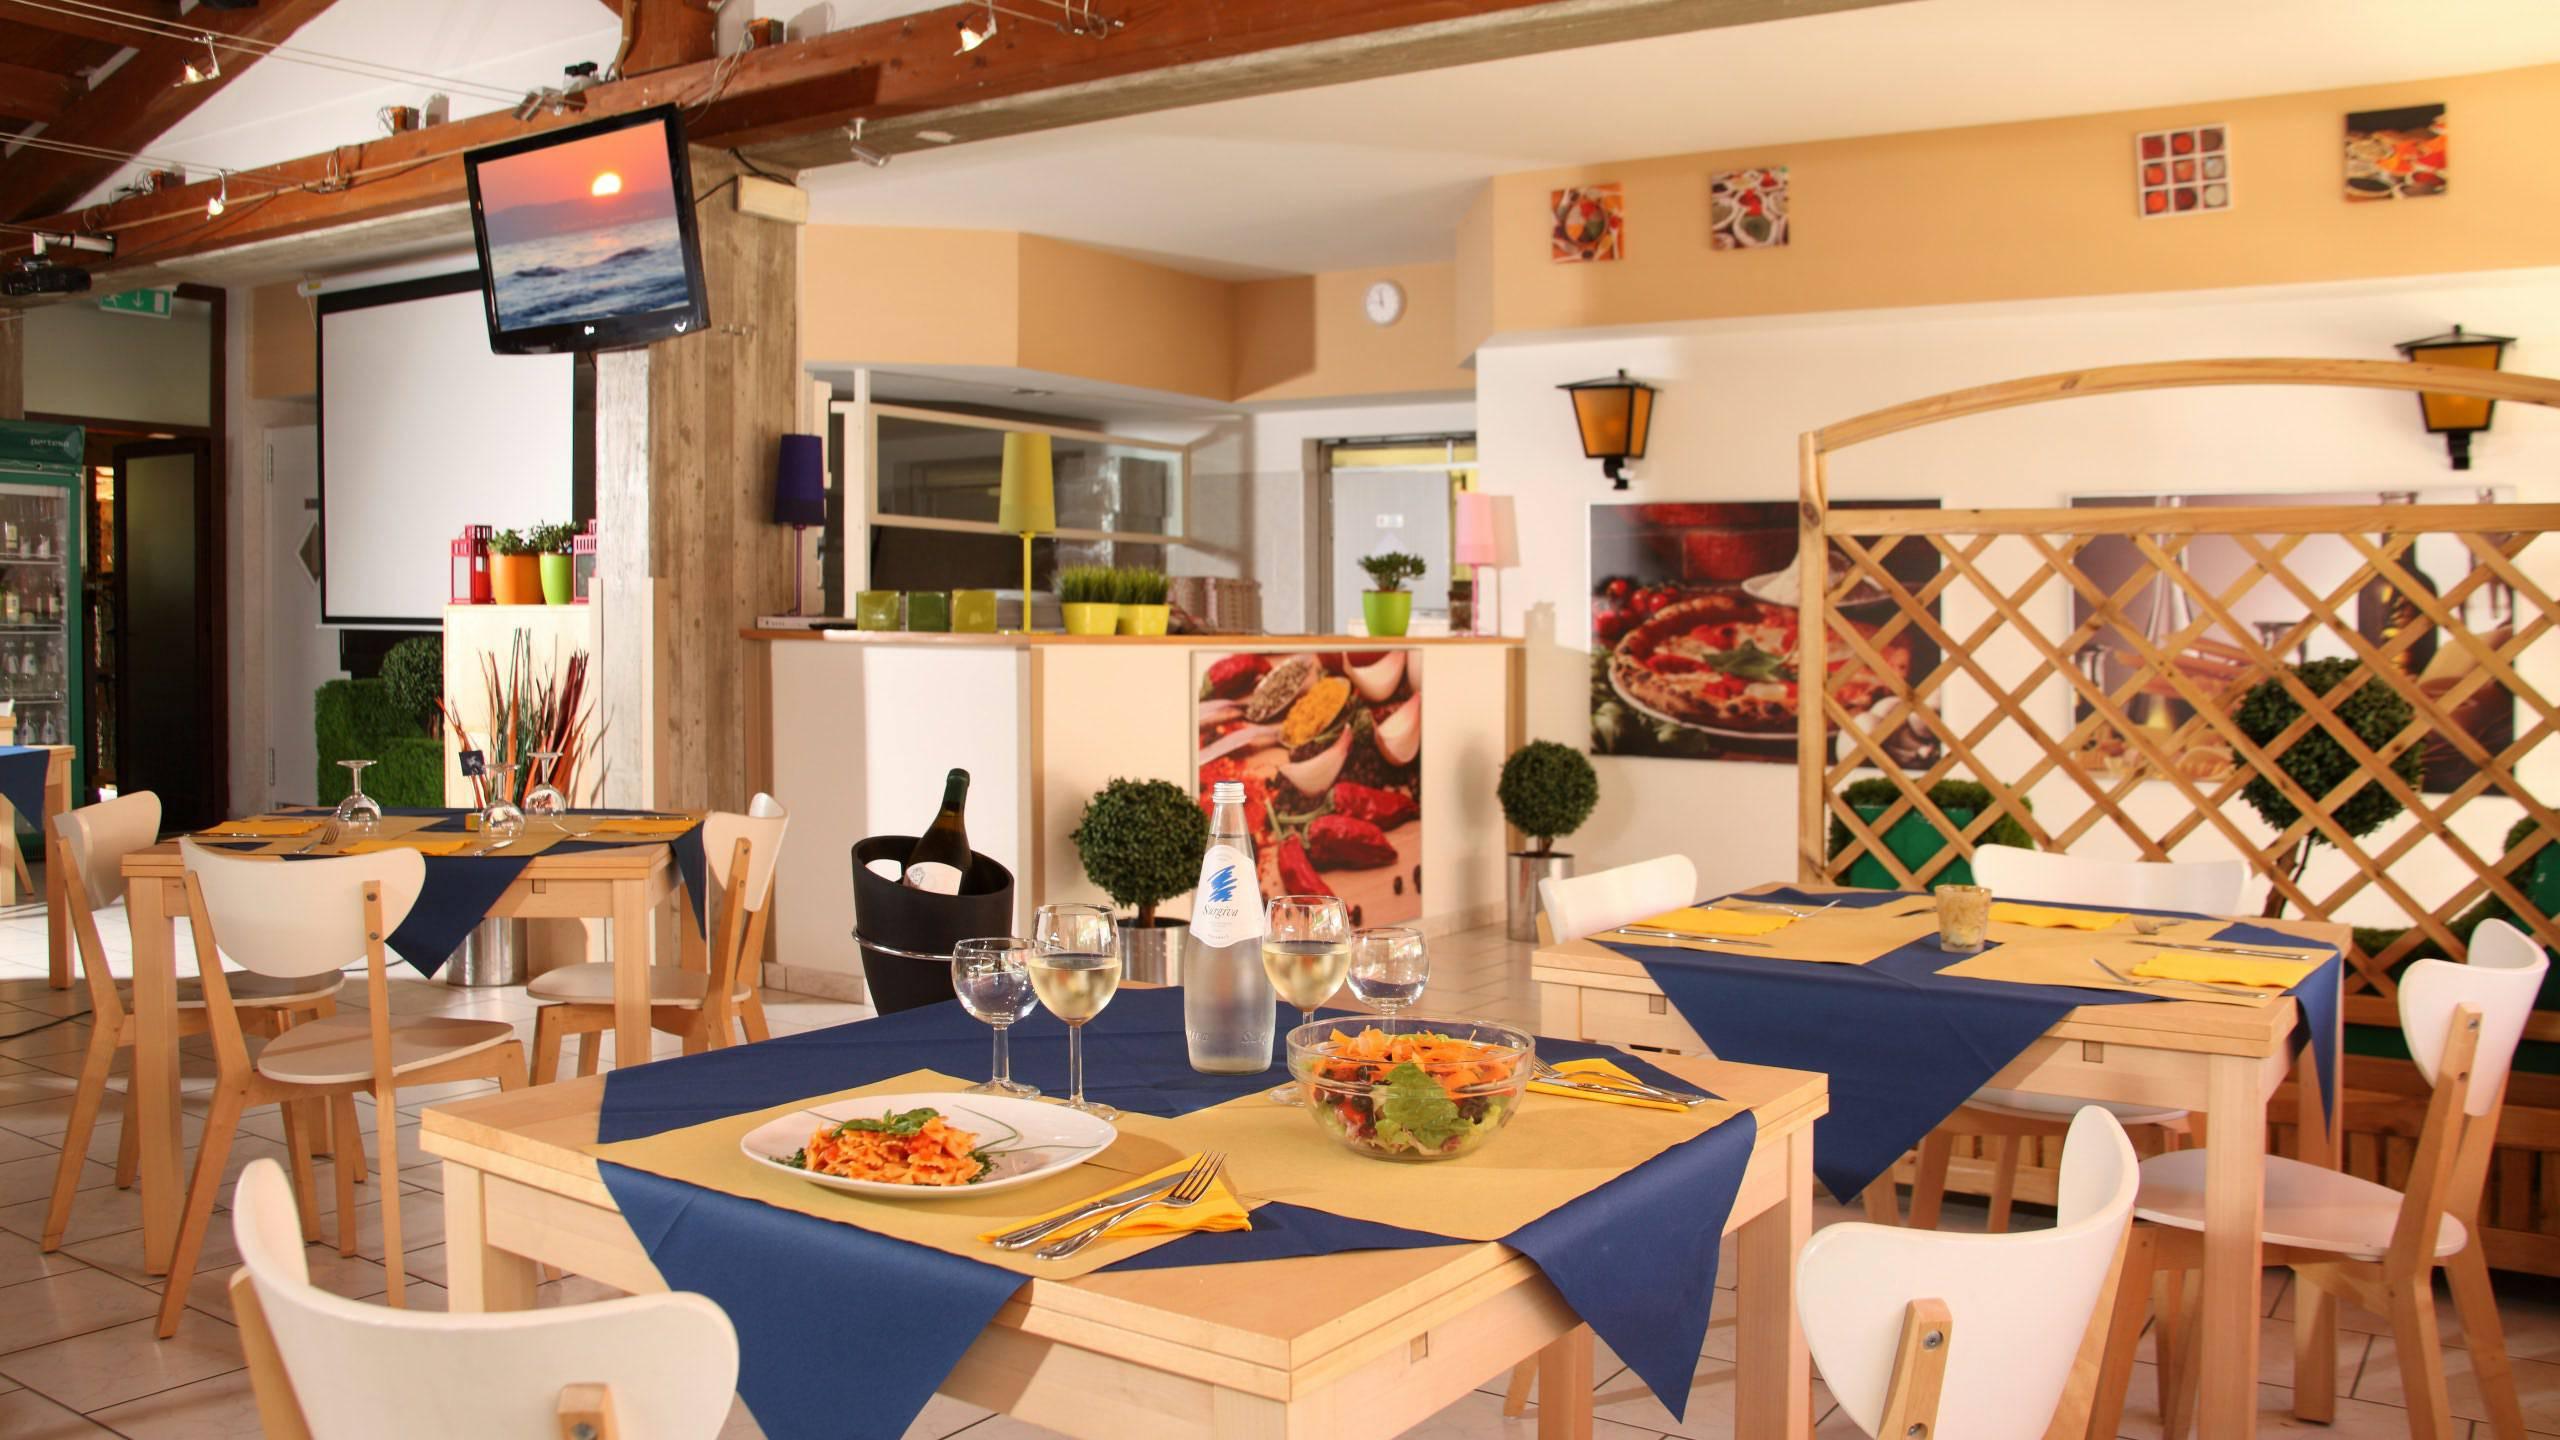 pineto-beach-village-camping-pineto-abruzzo-camping-bar-ristorante-2